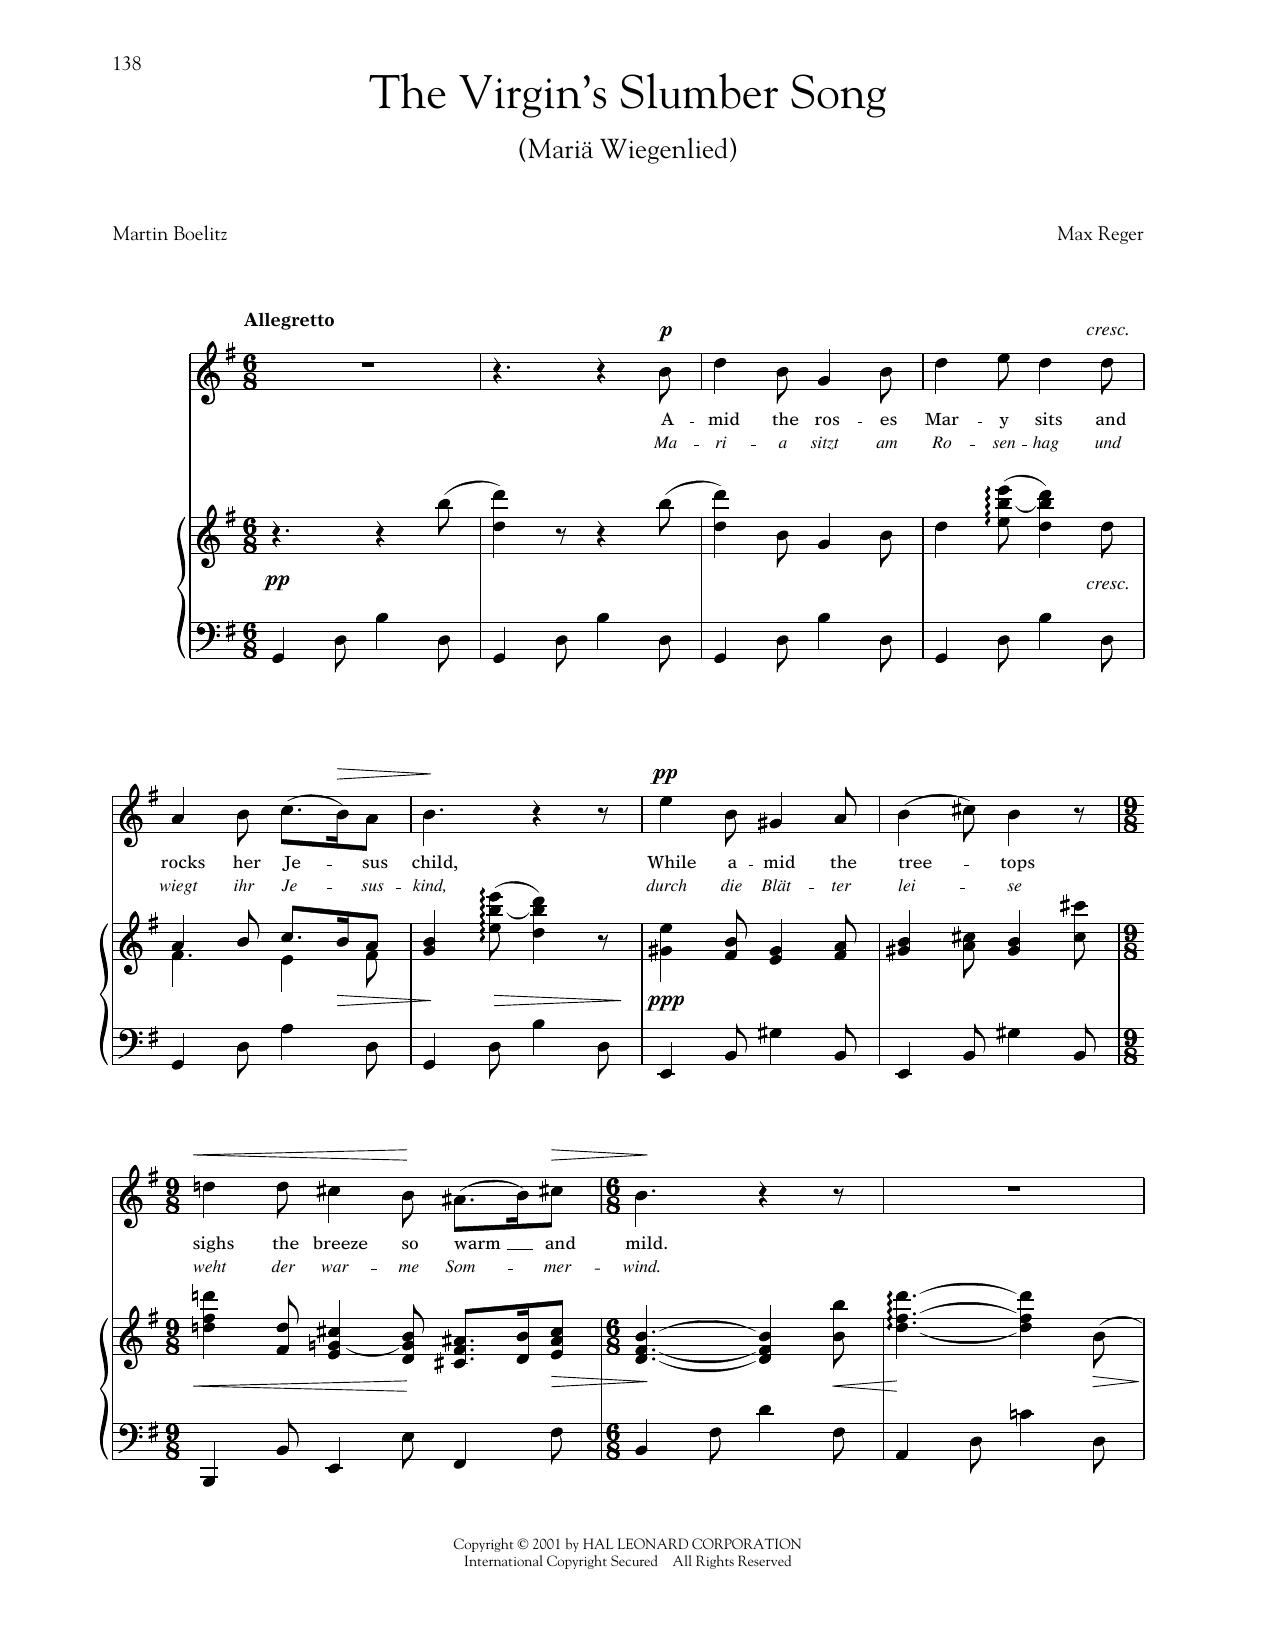 Mariä Wiegenlied (The Virgin's Slumber Song) (Reger) (Piano & Vocal)